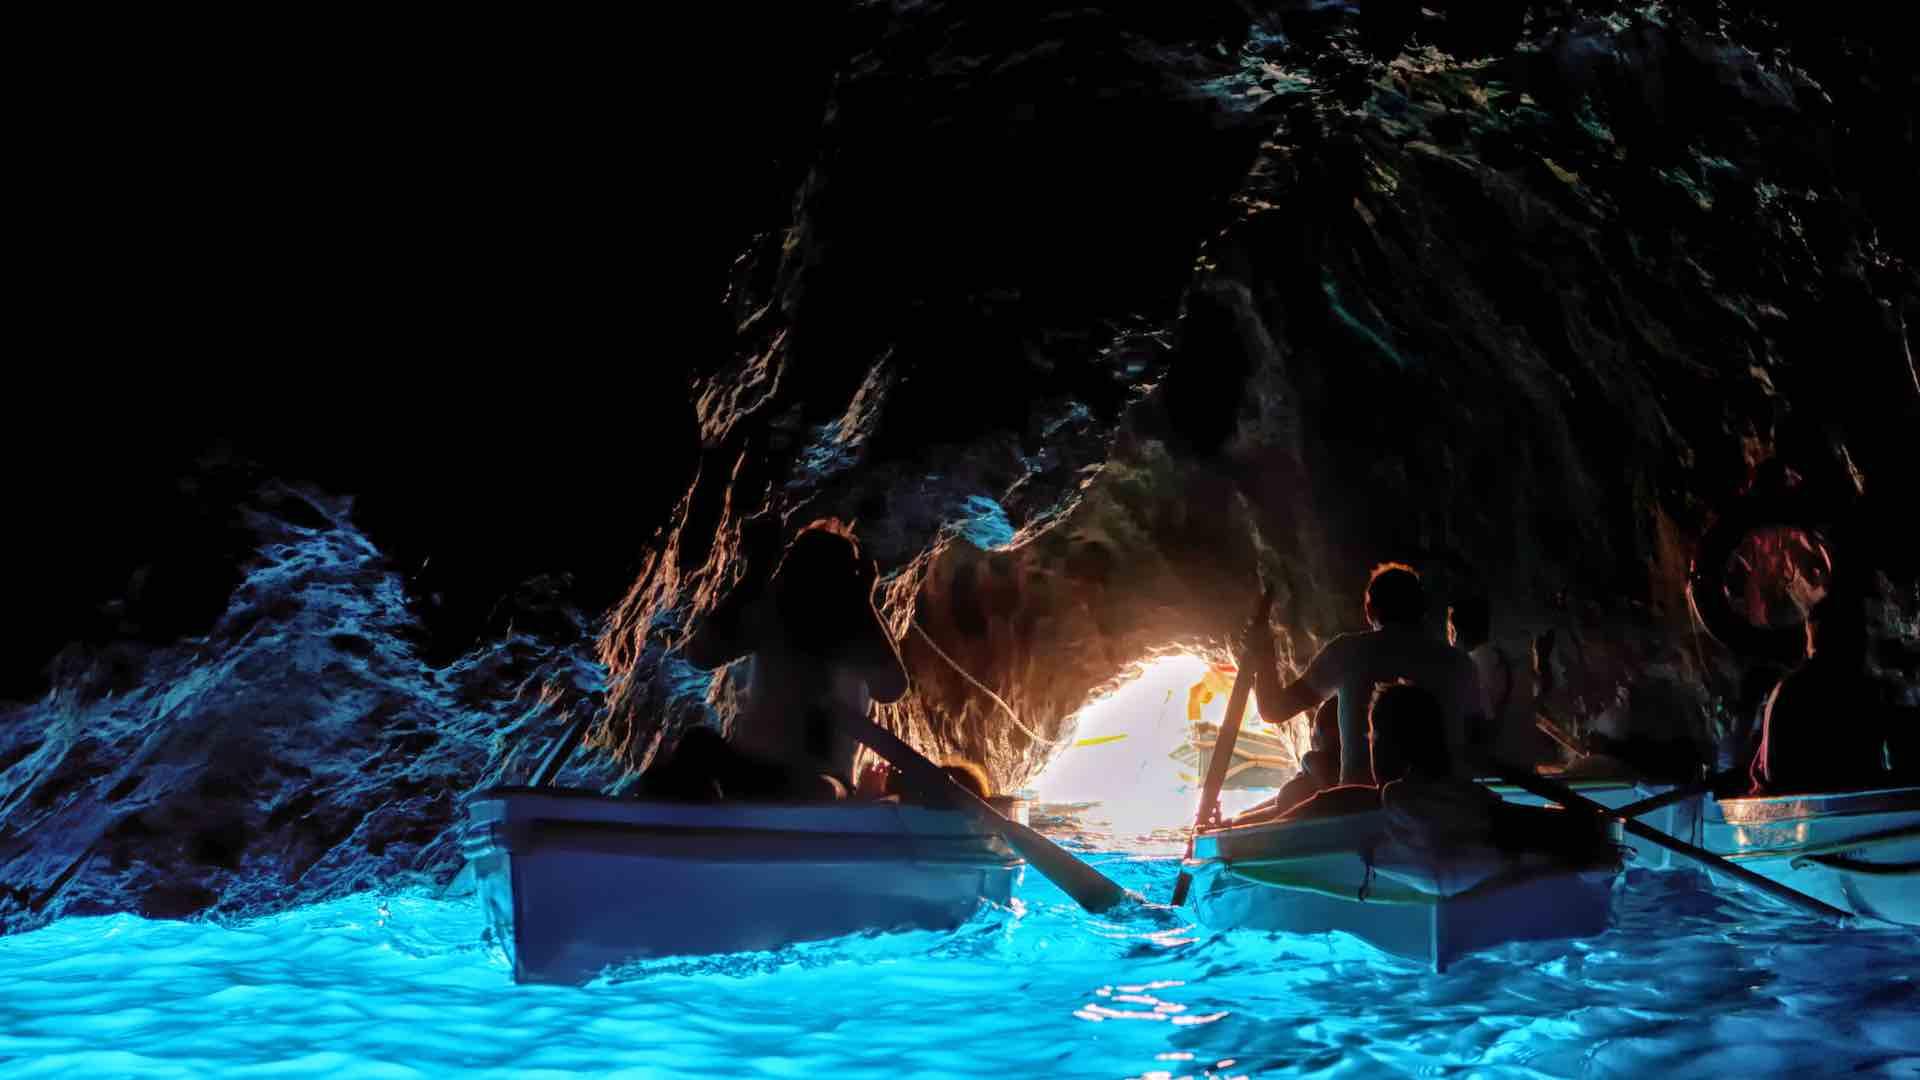 La Grotta Azzurra di Capri: gioiello unico al mondo